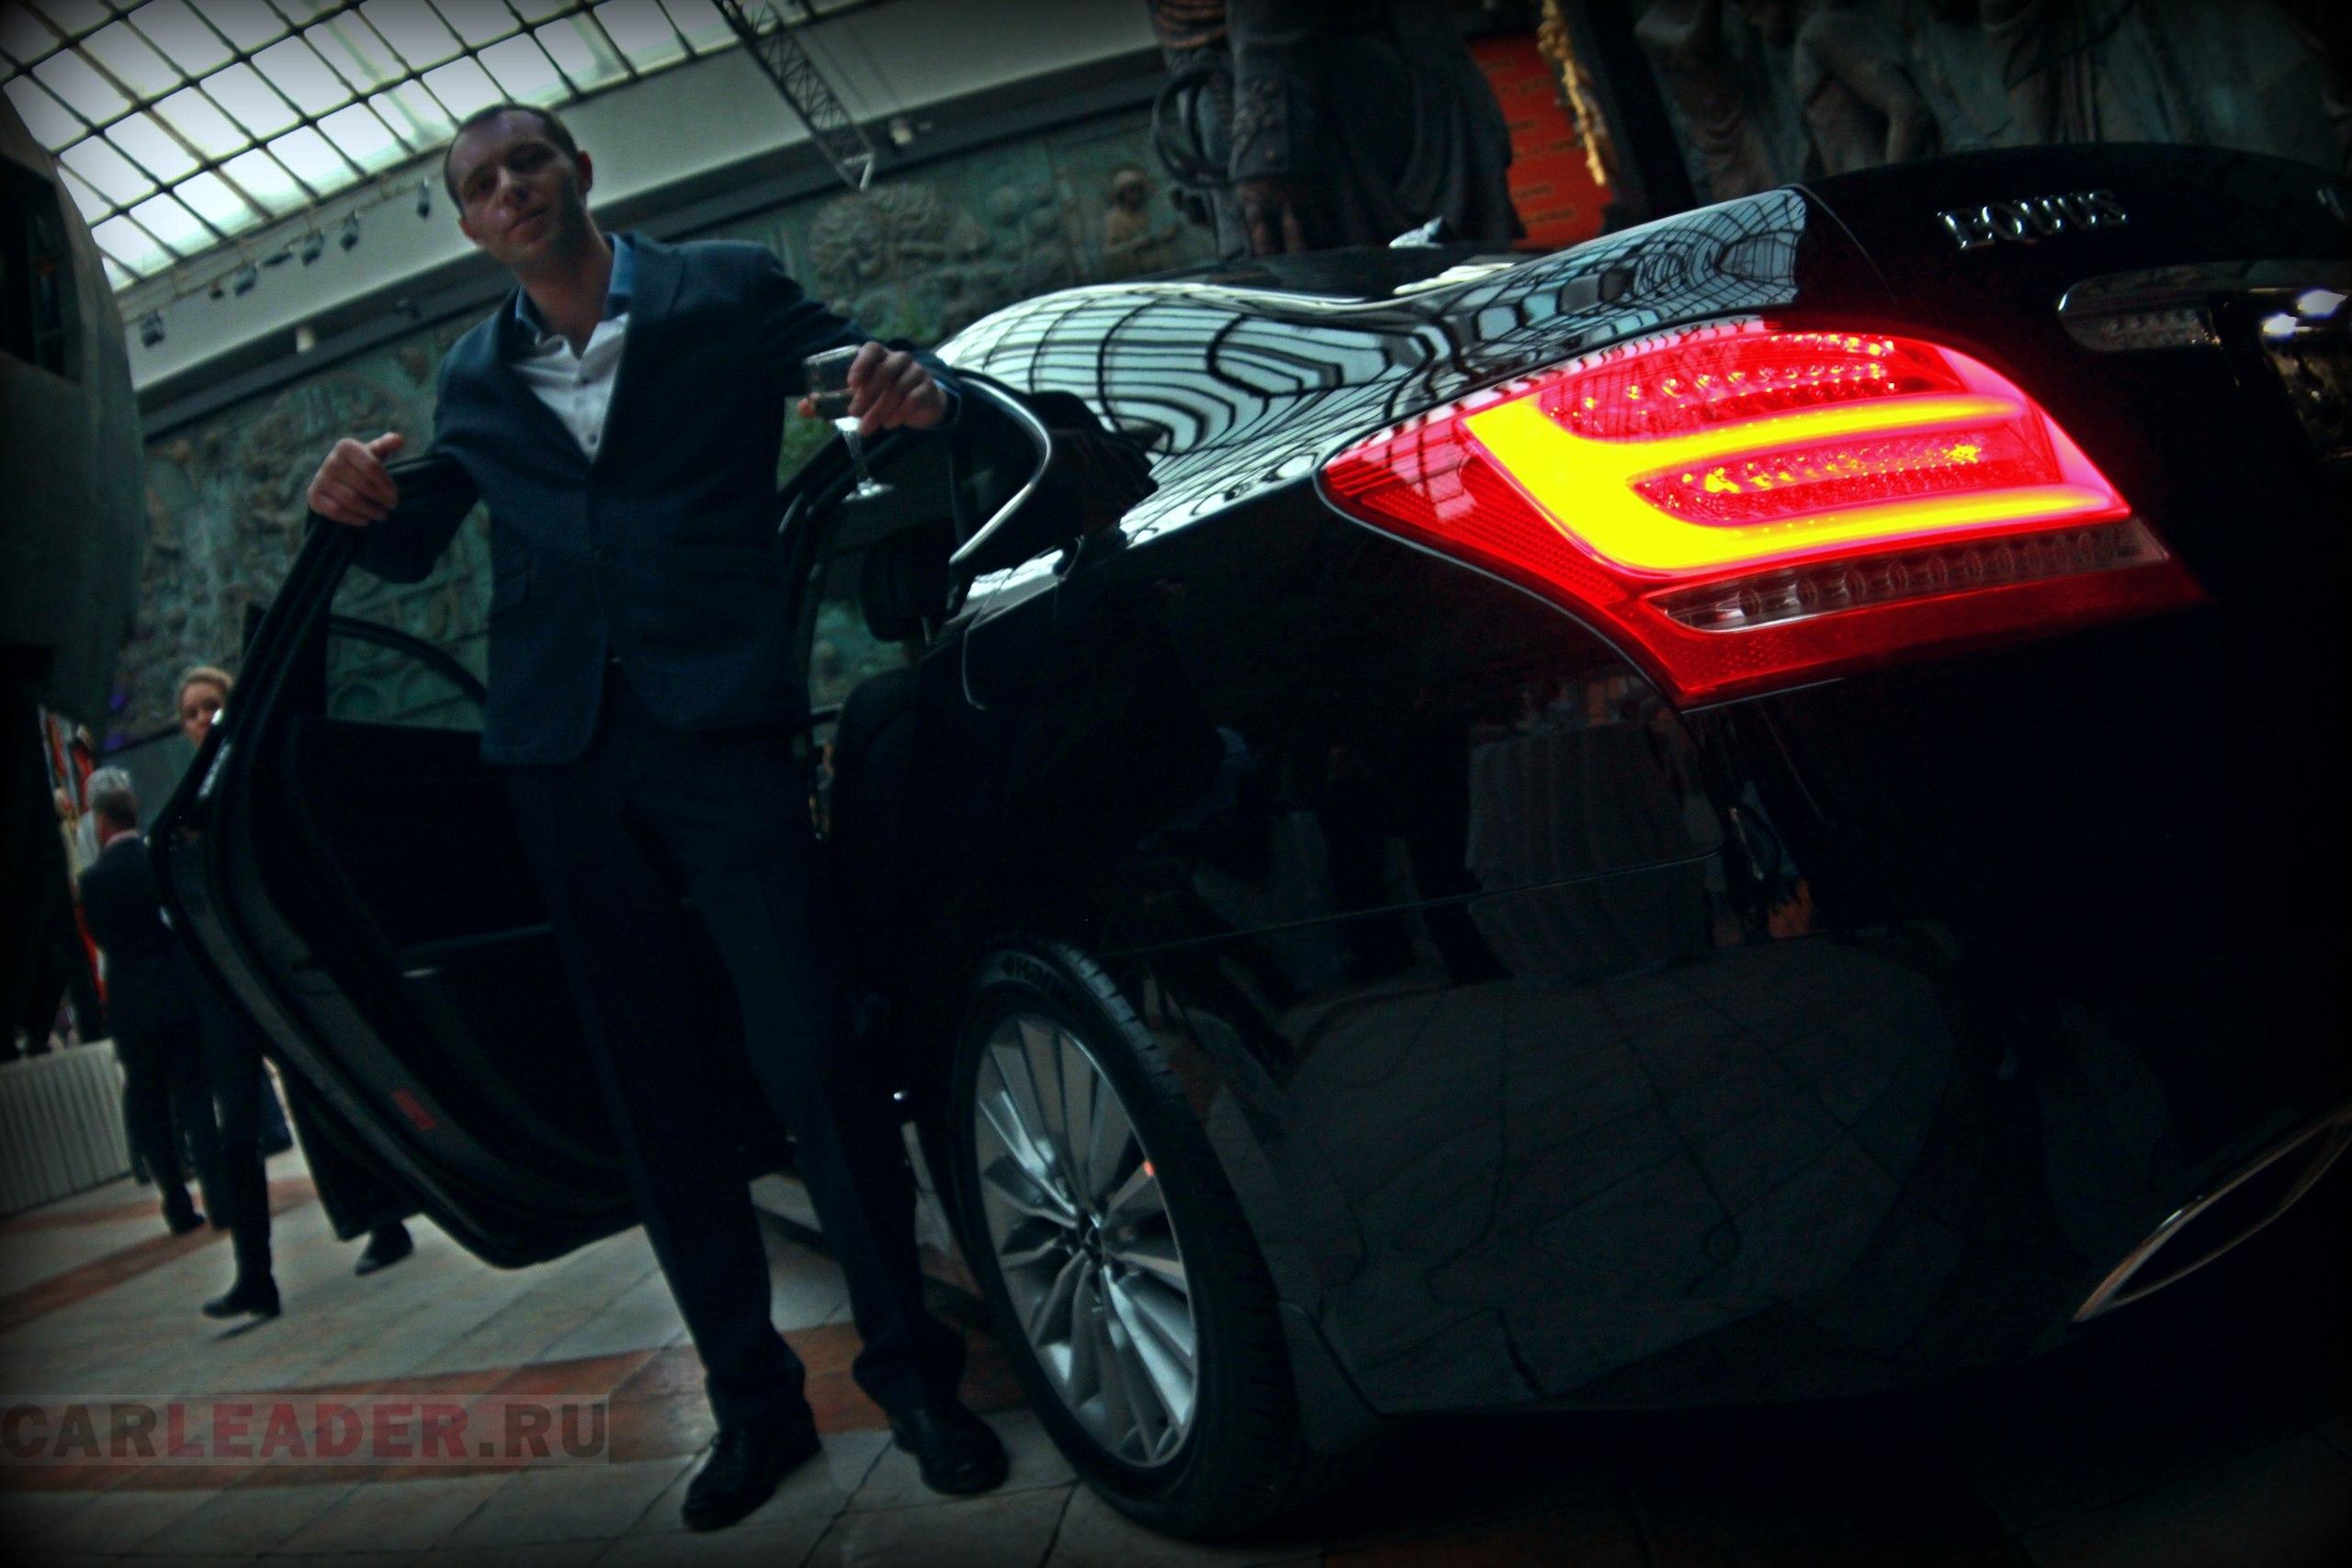 Equus Car Leader Церетели